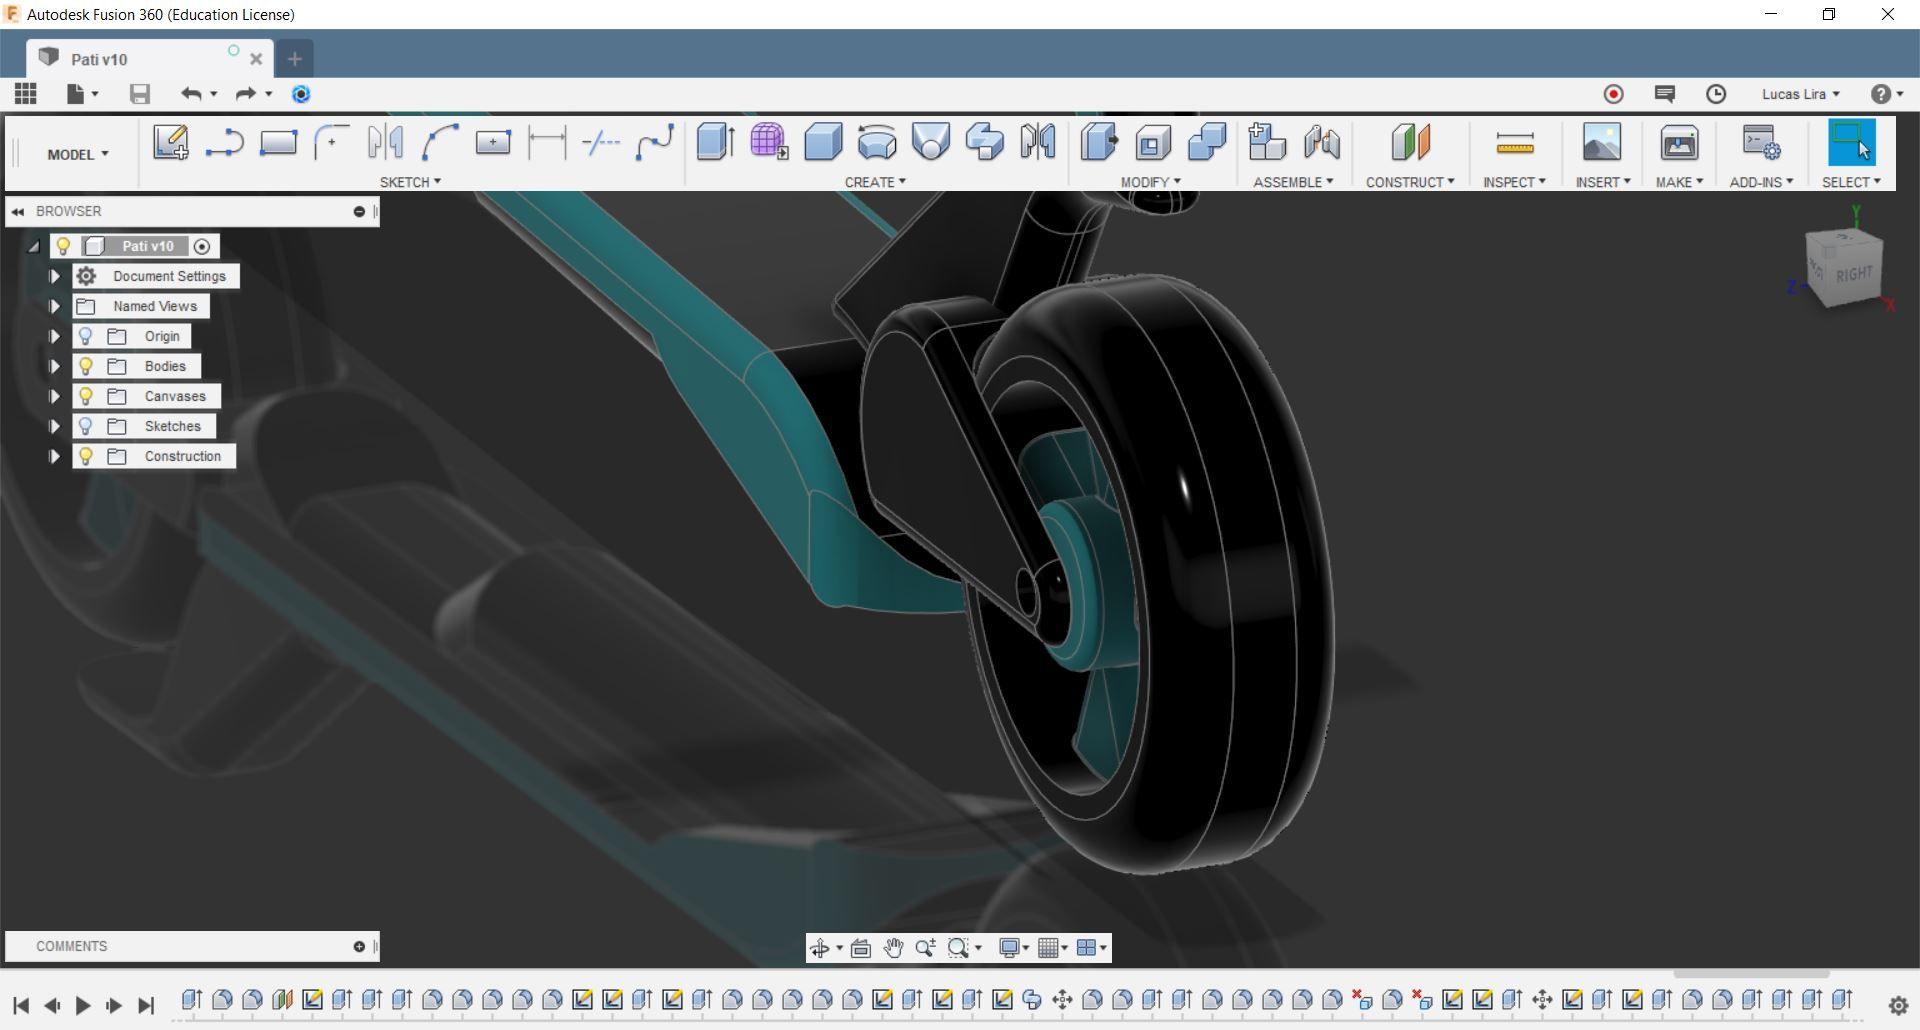 Projeto-de-design-patin-fabnerdes-02-3500-3500